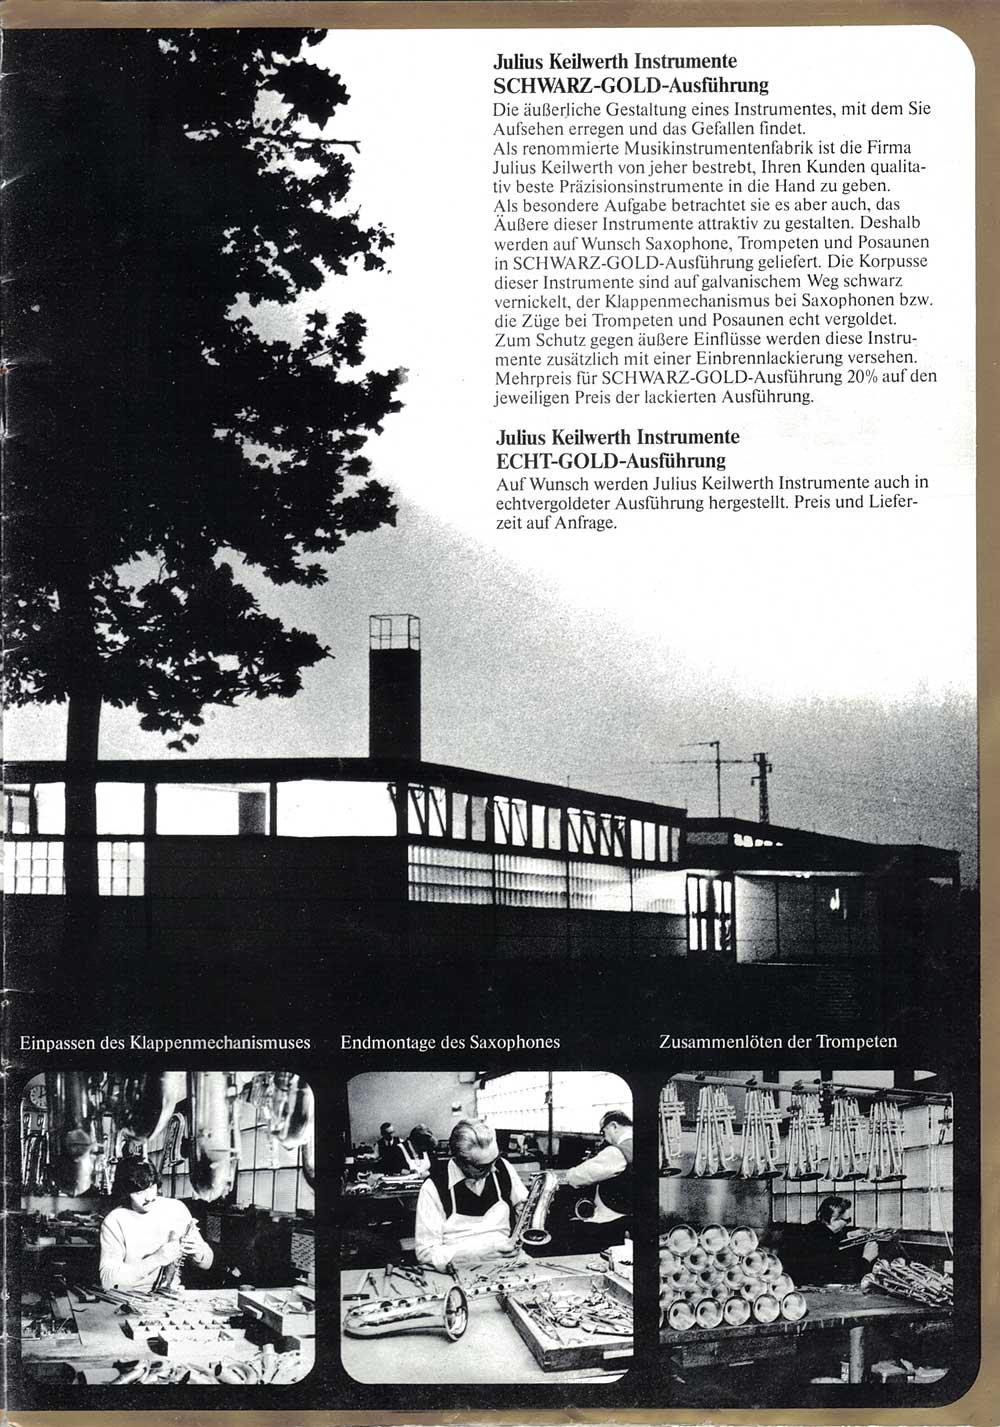 Julius Keilwerth, saxophones, vintage, German, 1979, brochure, page 2, b&W photography